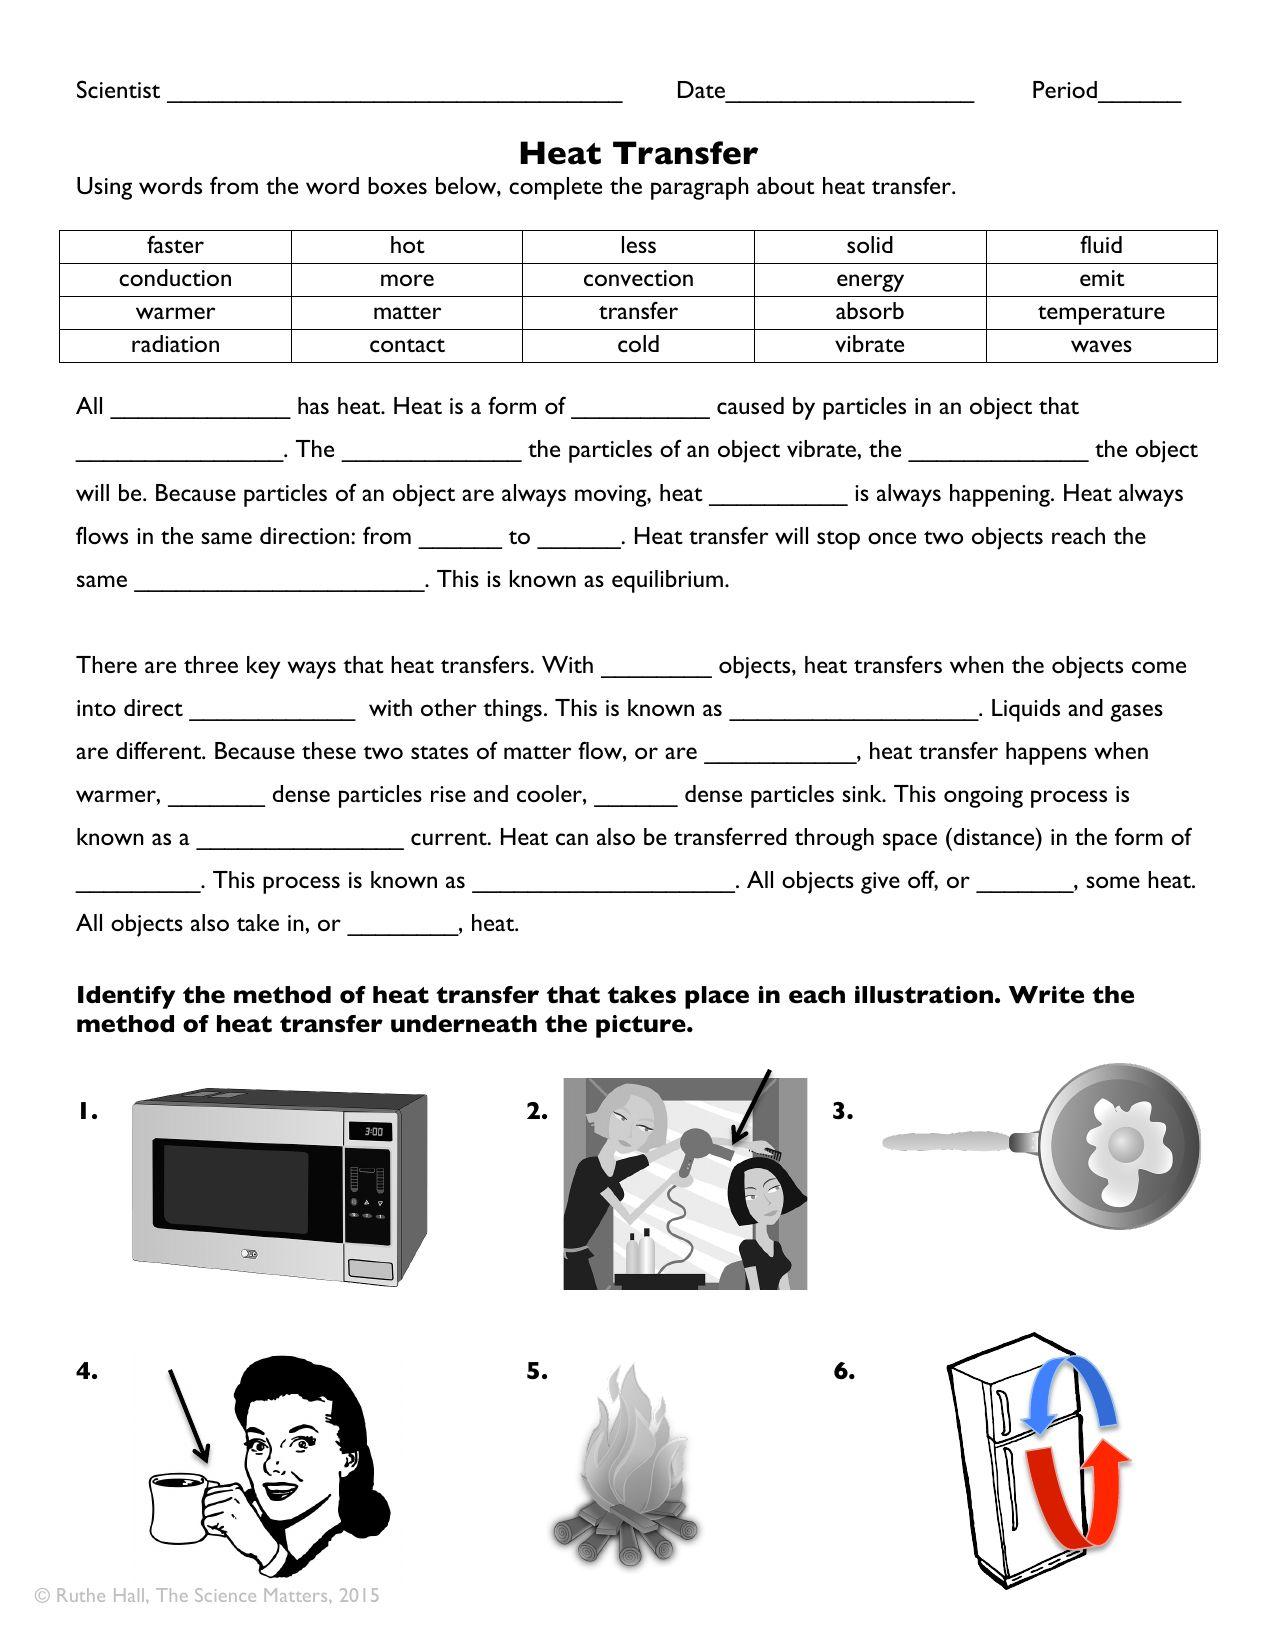 Heat Transfer Worksheet Answers Heat transfer science